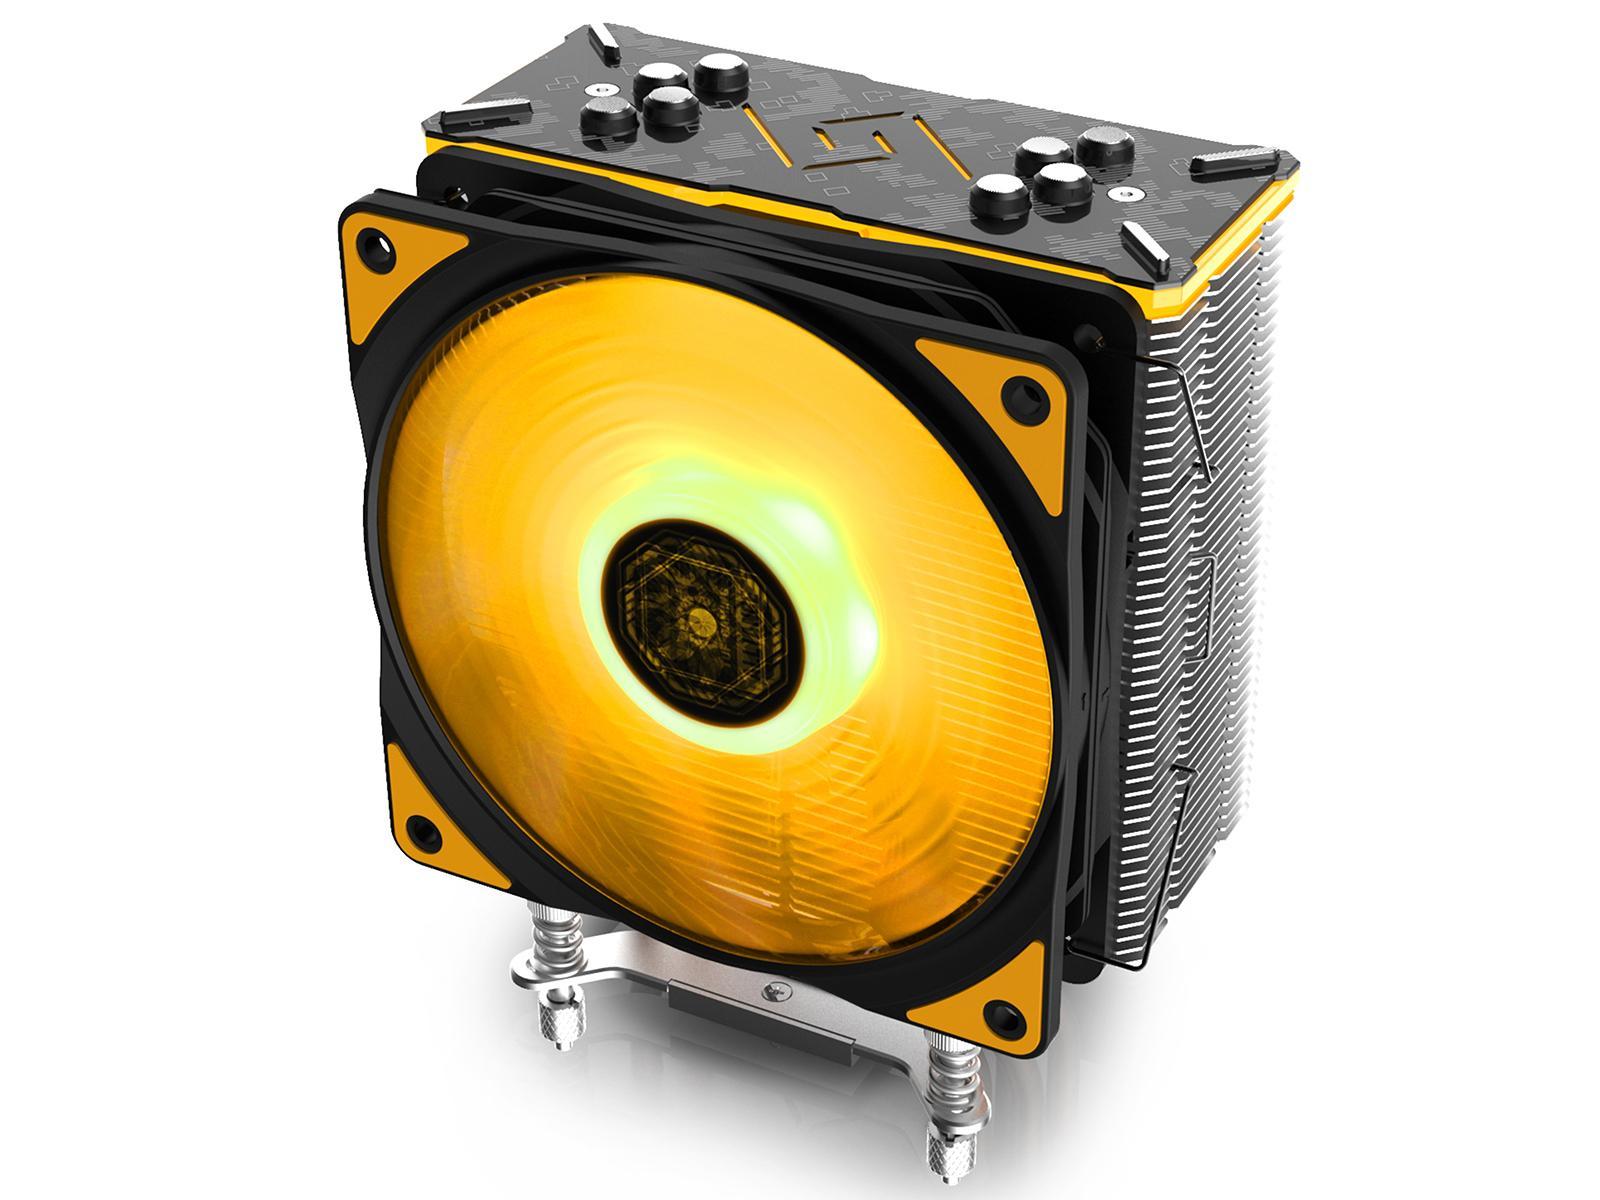 Bộ tản nhiệt cho CPU Deepcool Gammaxx GT TGA